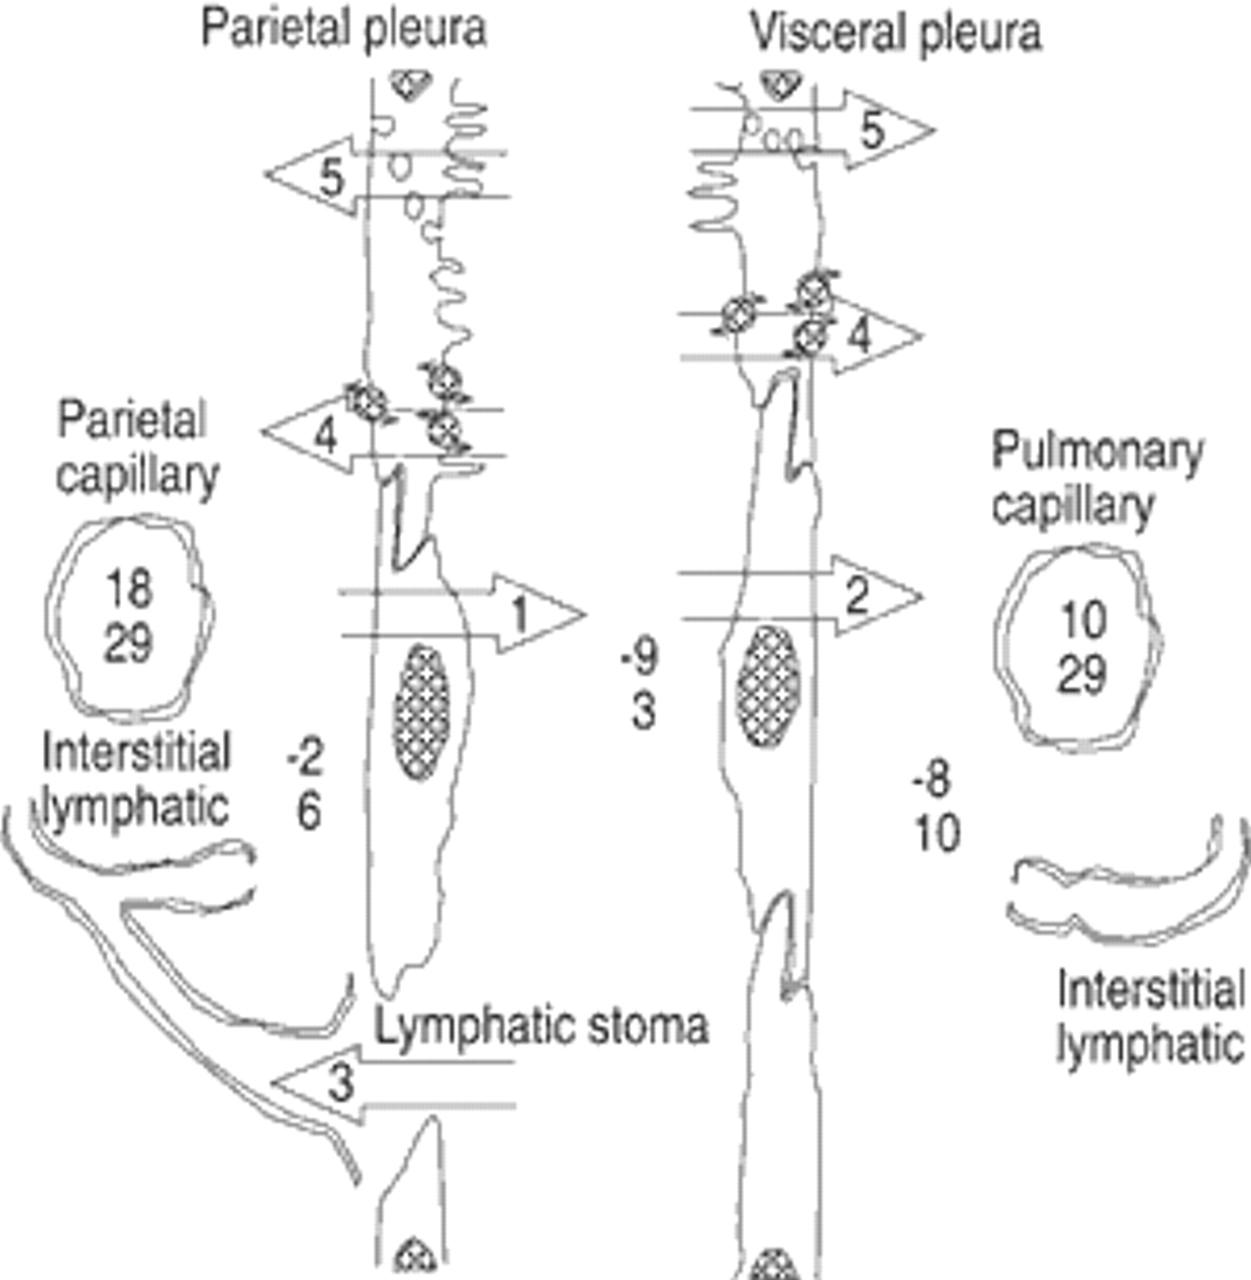 Physiology And Pathophysiology Of Pleural Fluid Turnover